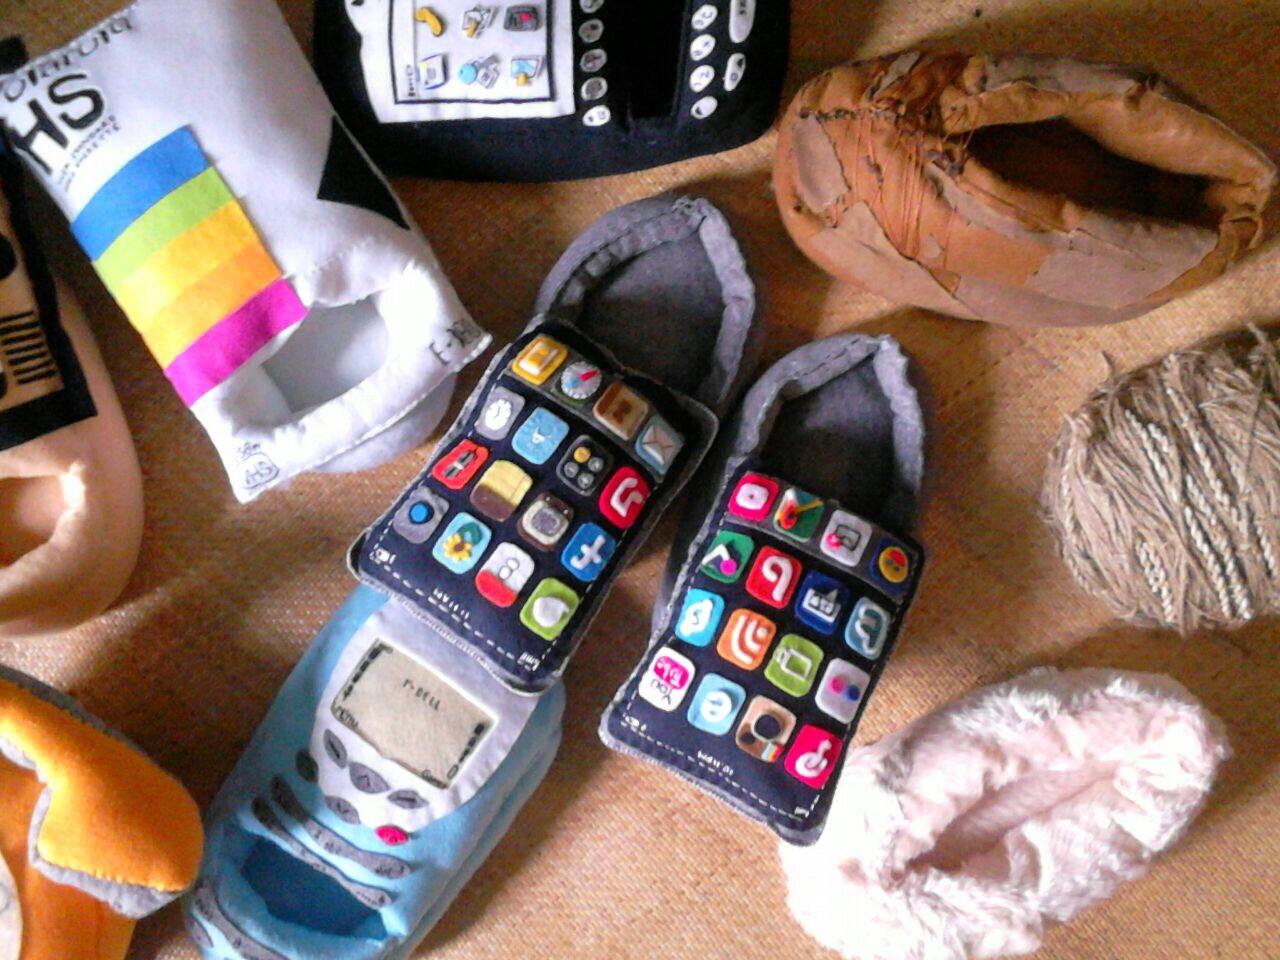 Karya seni yang mempertanyakan penting mana, gadget atau alas kaki?